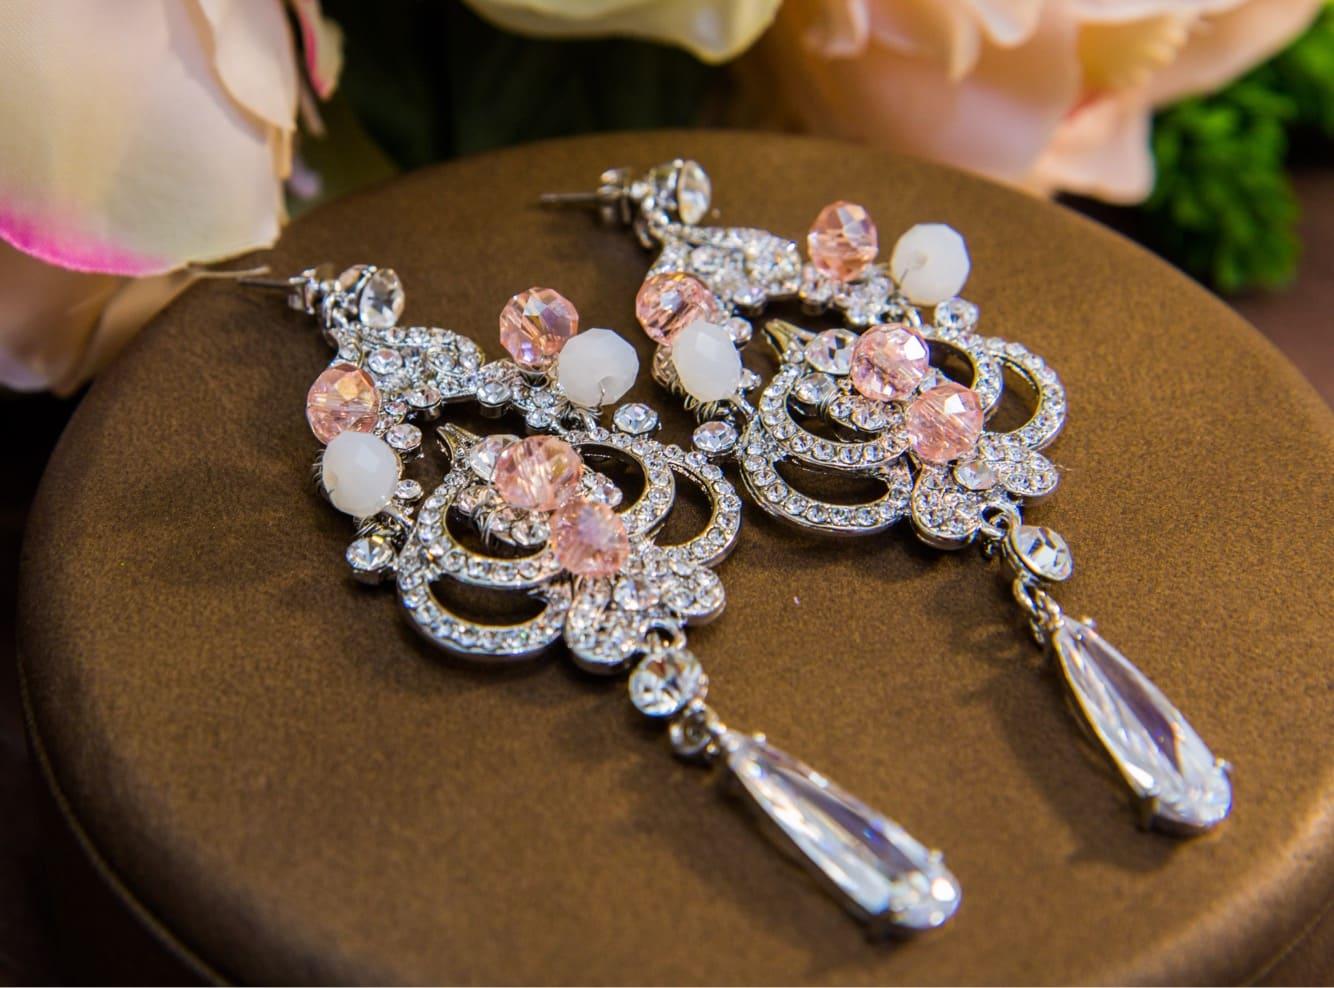 Романтичные серьги с подвесками, украшенные прозрачными и розовыми кристаллами.